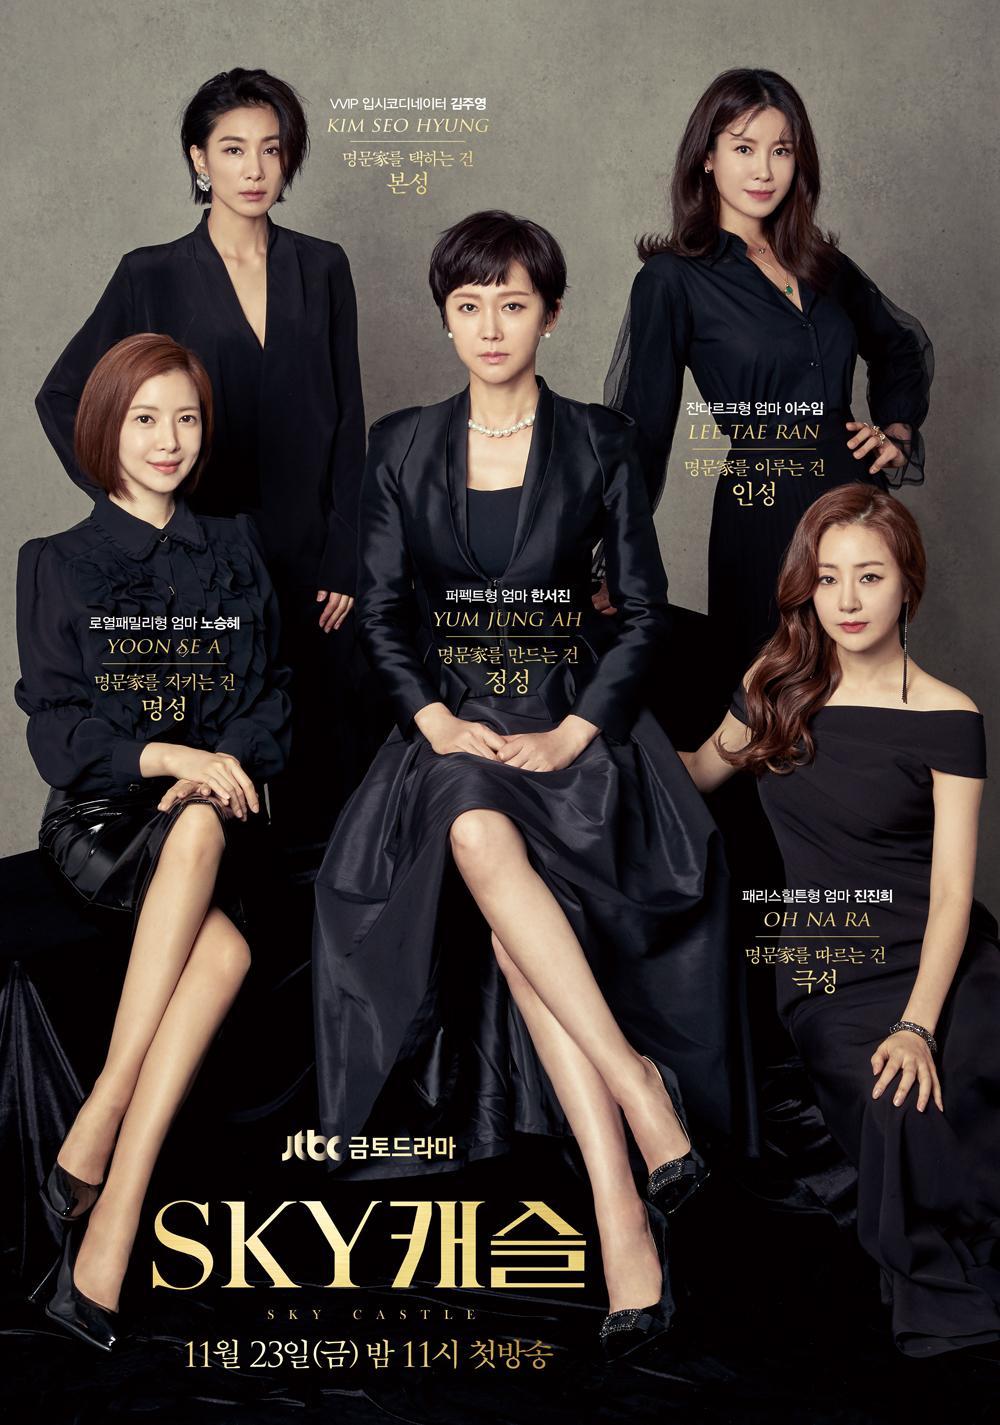 韩国JTBC强势崛起,这7部高水准韩剧全部是他们出品!插图10